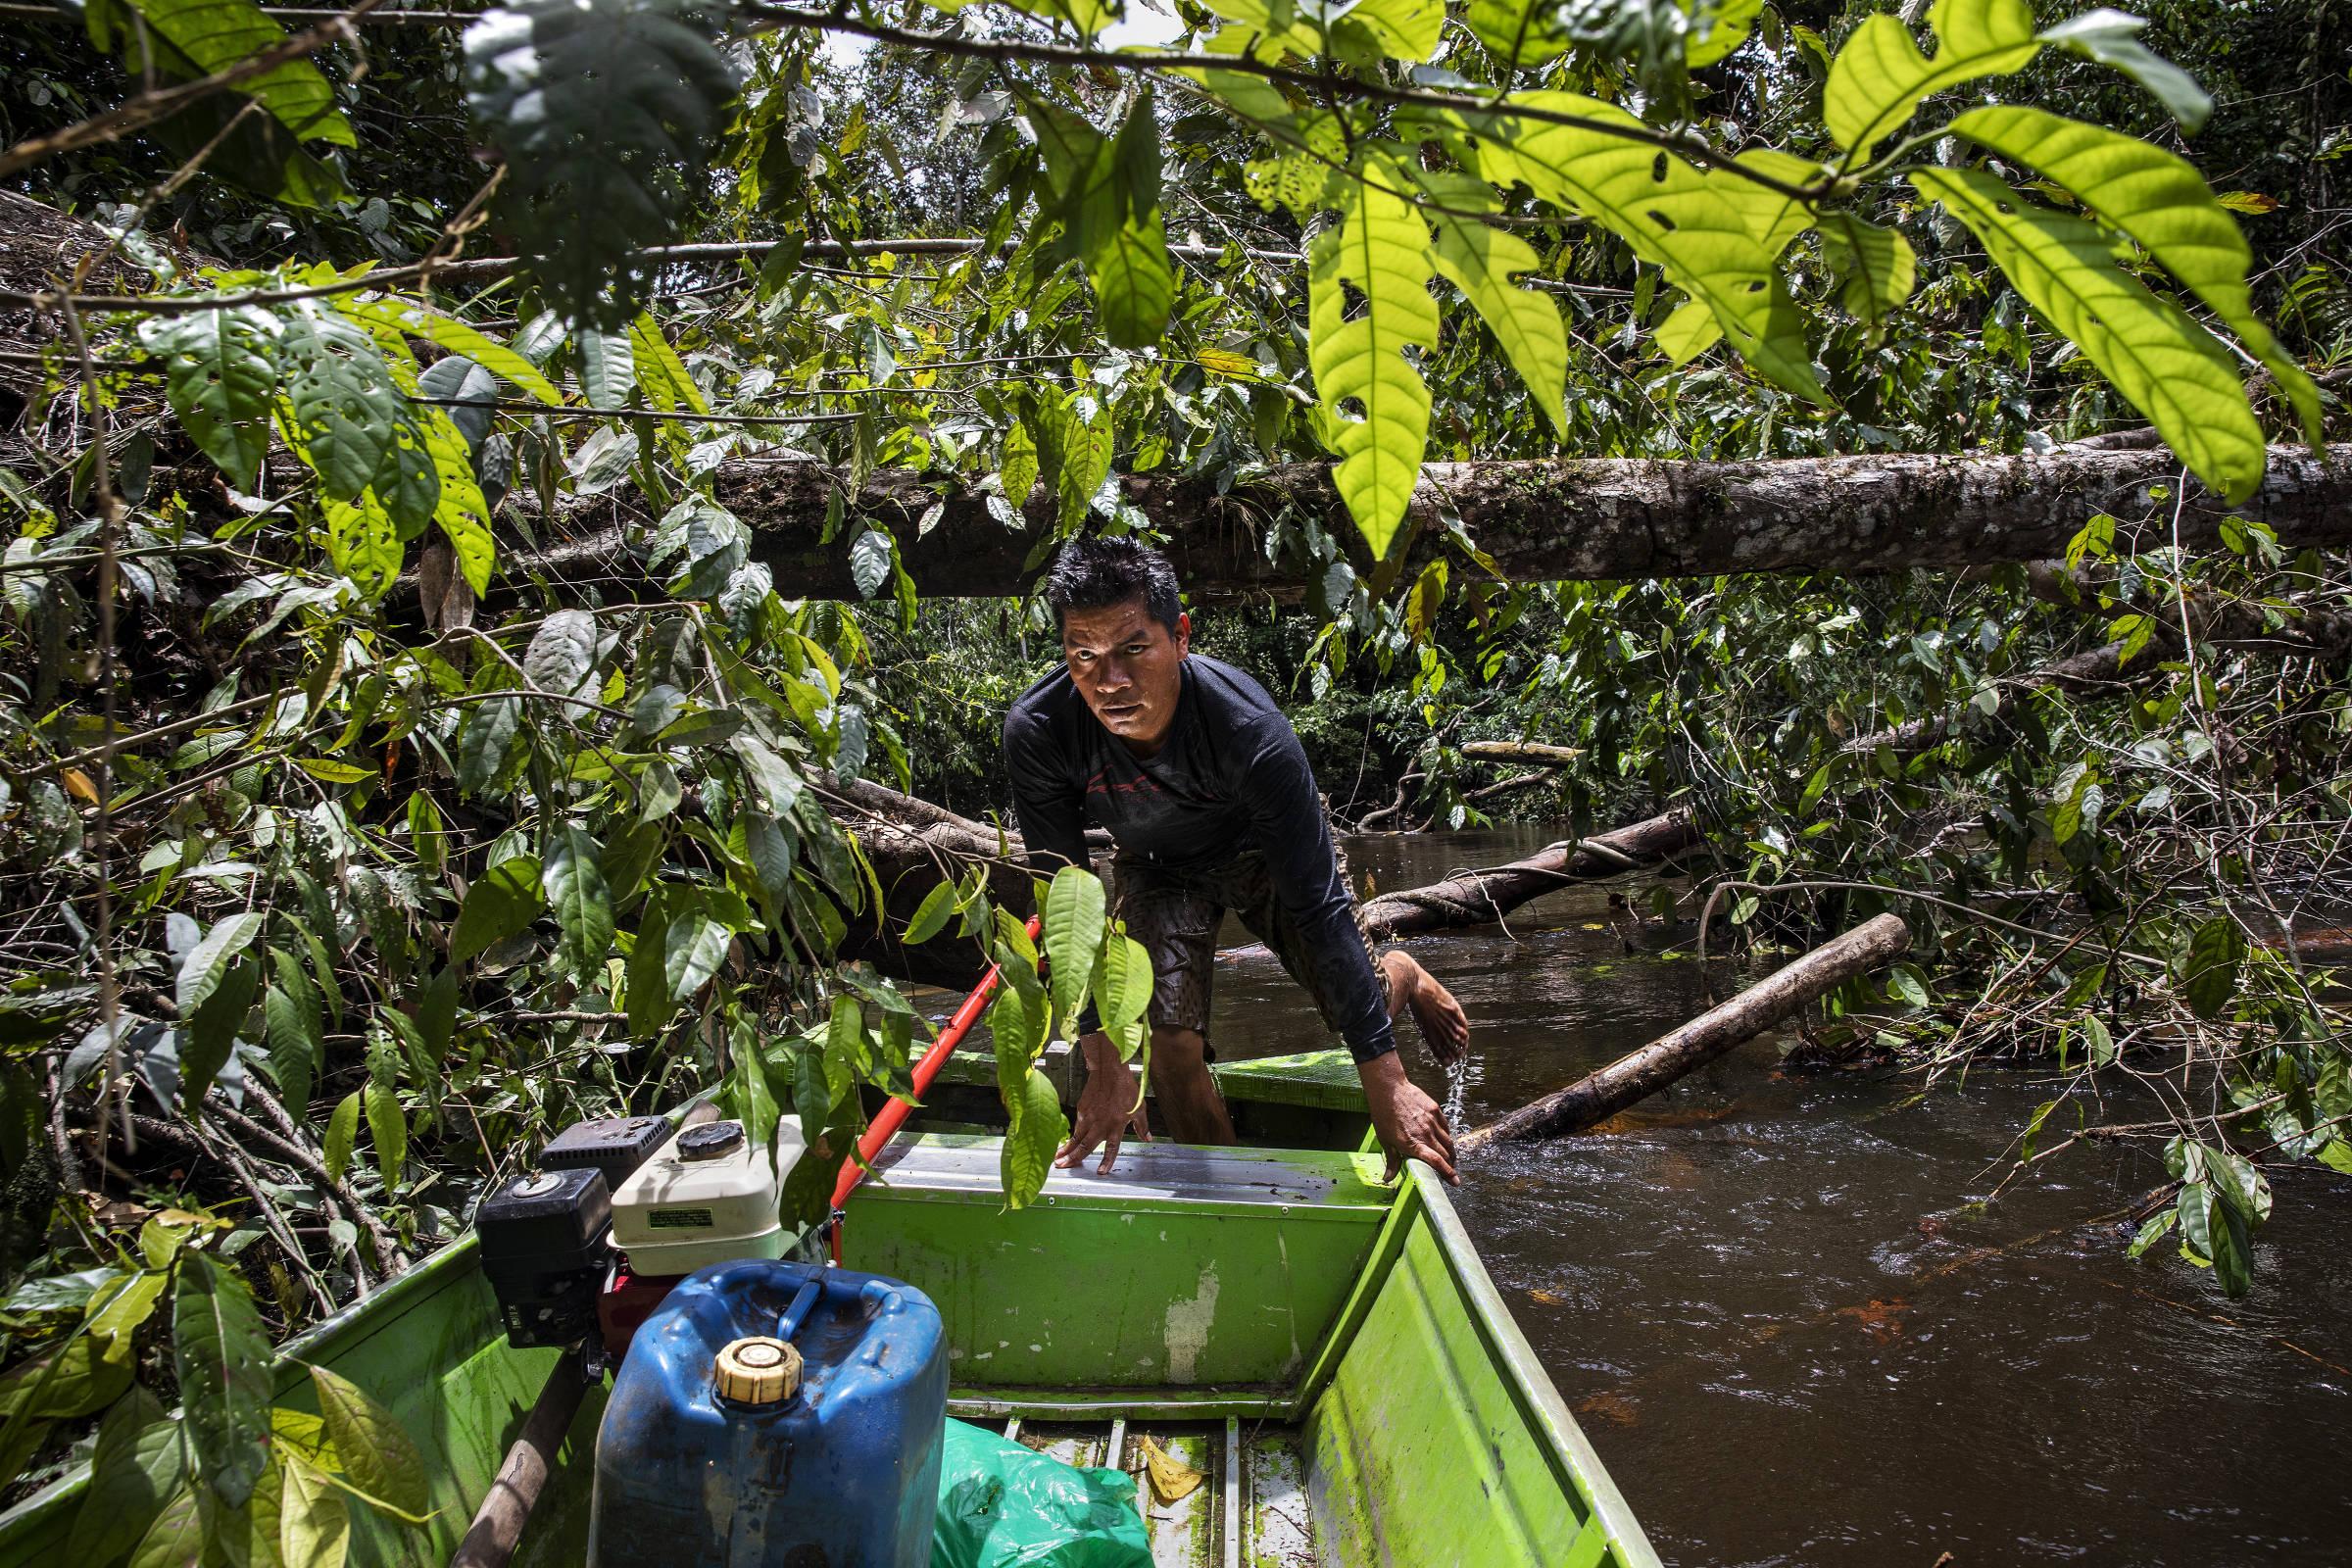 O agente de saúde indígena André Veloso conduz uma canoa pelo igarapé Ya-Mirim rumo ao início da trilha que leva ao Morro dos Seis Lagos